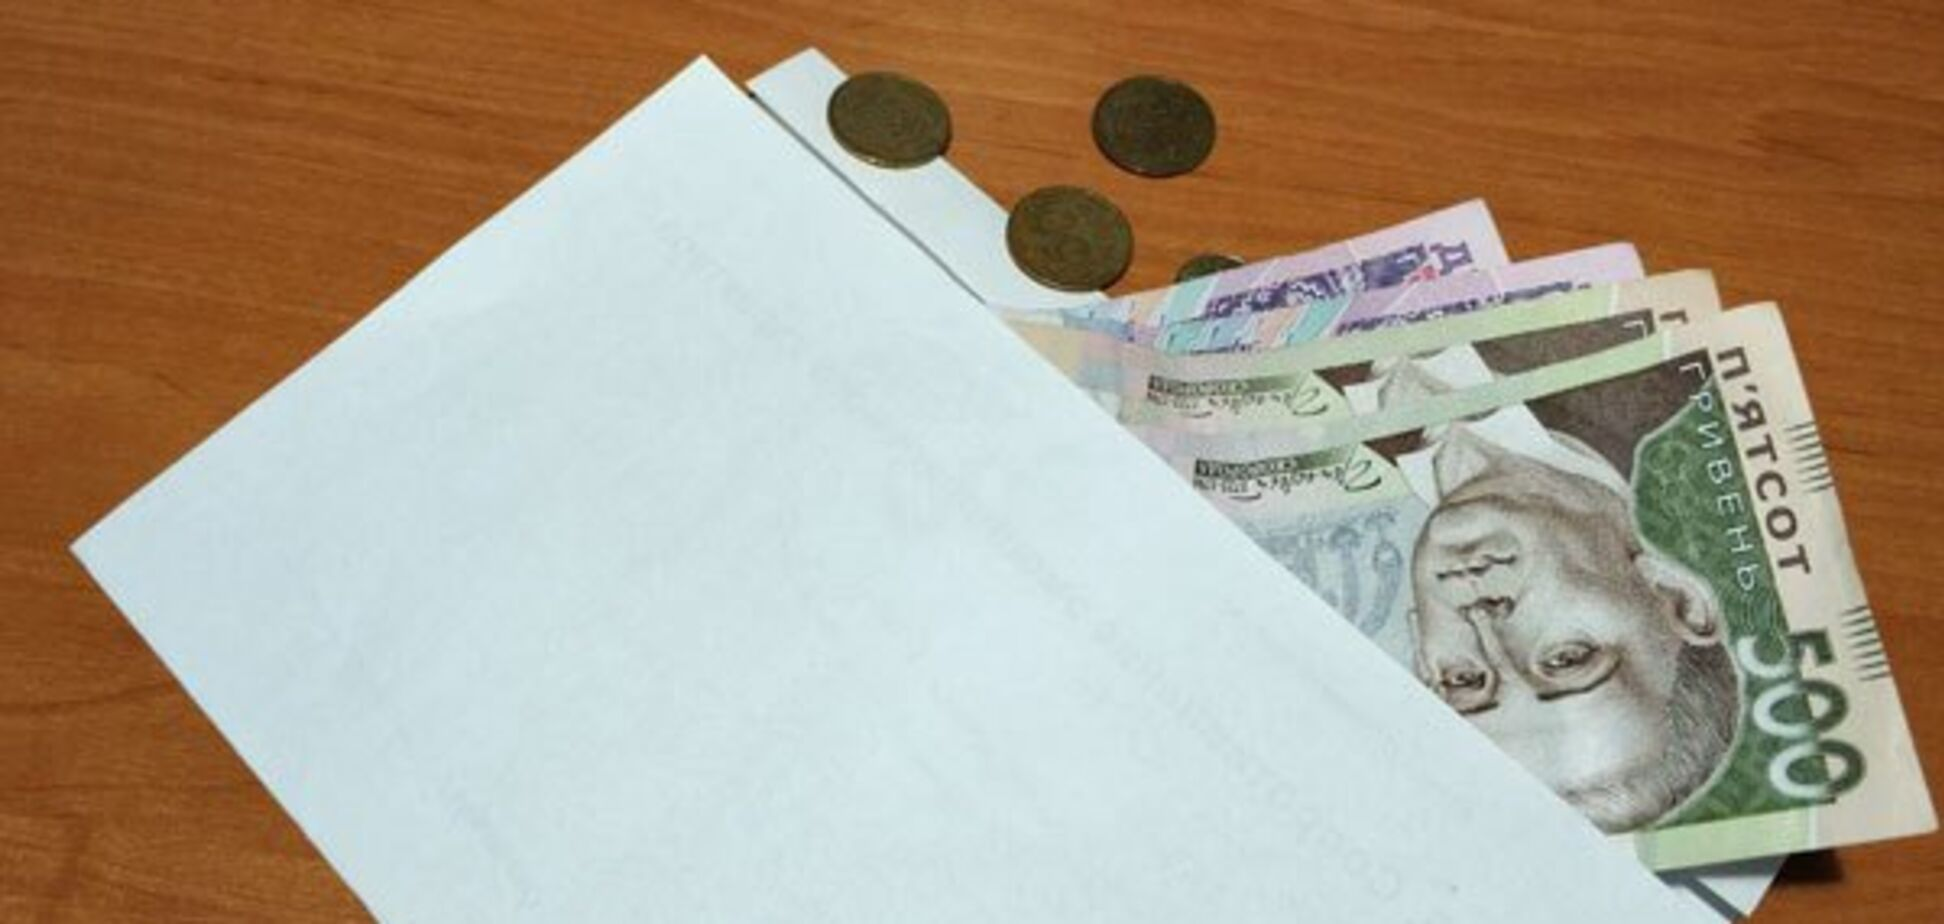 ДФС опублікувала список ФОП-мультимільйонерів для перевірки: чим займаються